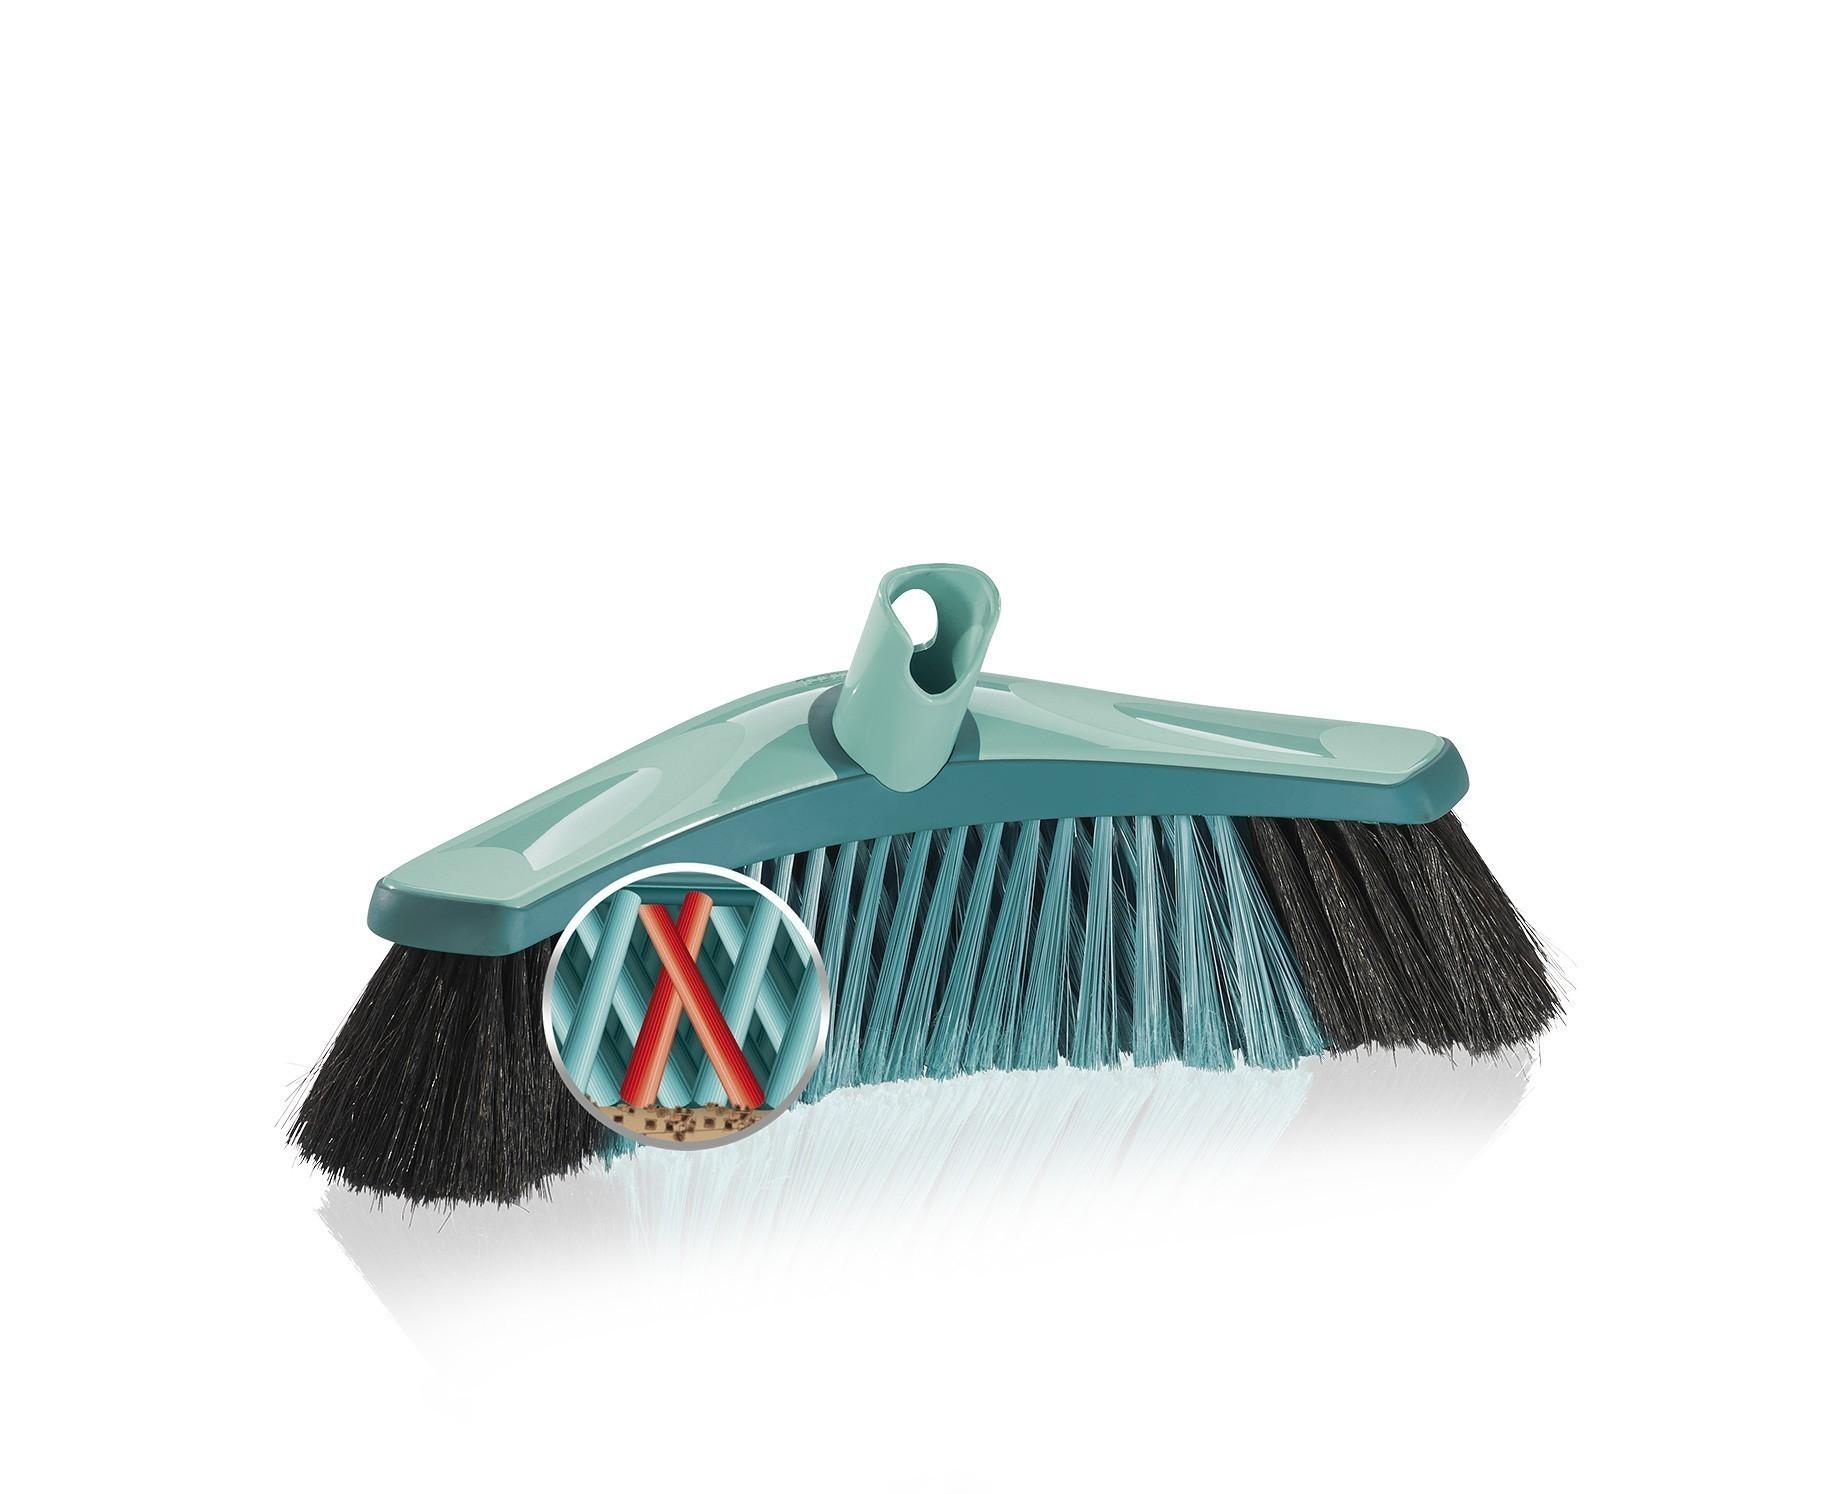 Leifheit Parkett Besen Xtra Clean Collect Plus 30 cm Bild 2